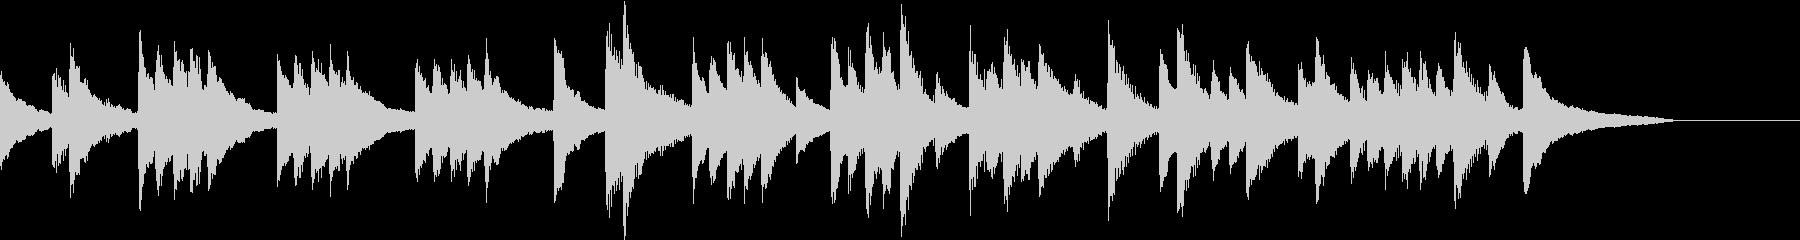 低音の響きを生かした懐しいピアノジングルの未再生の波形